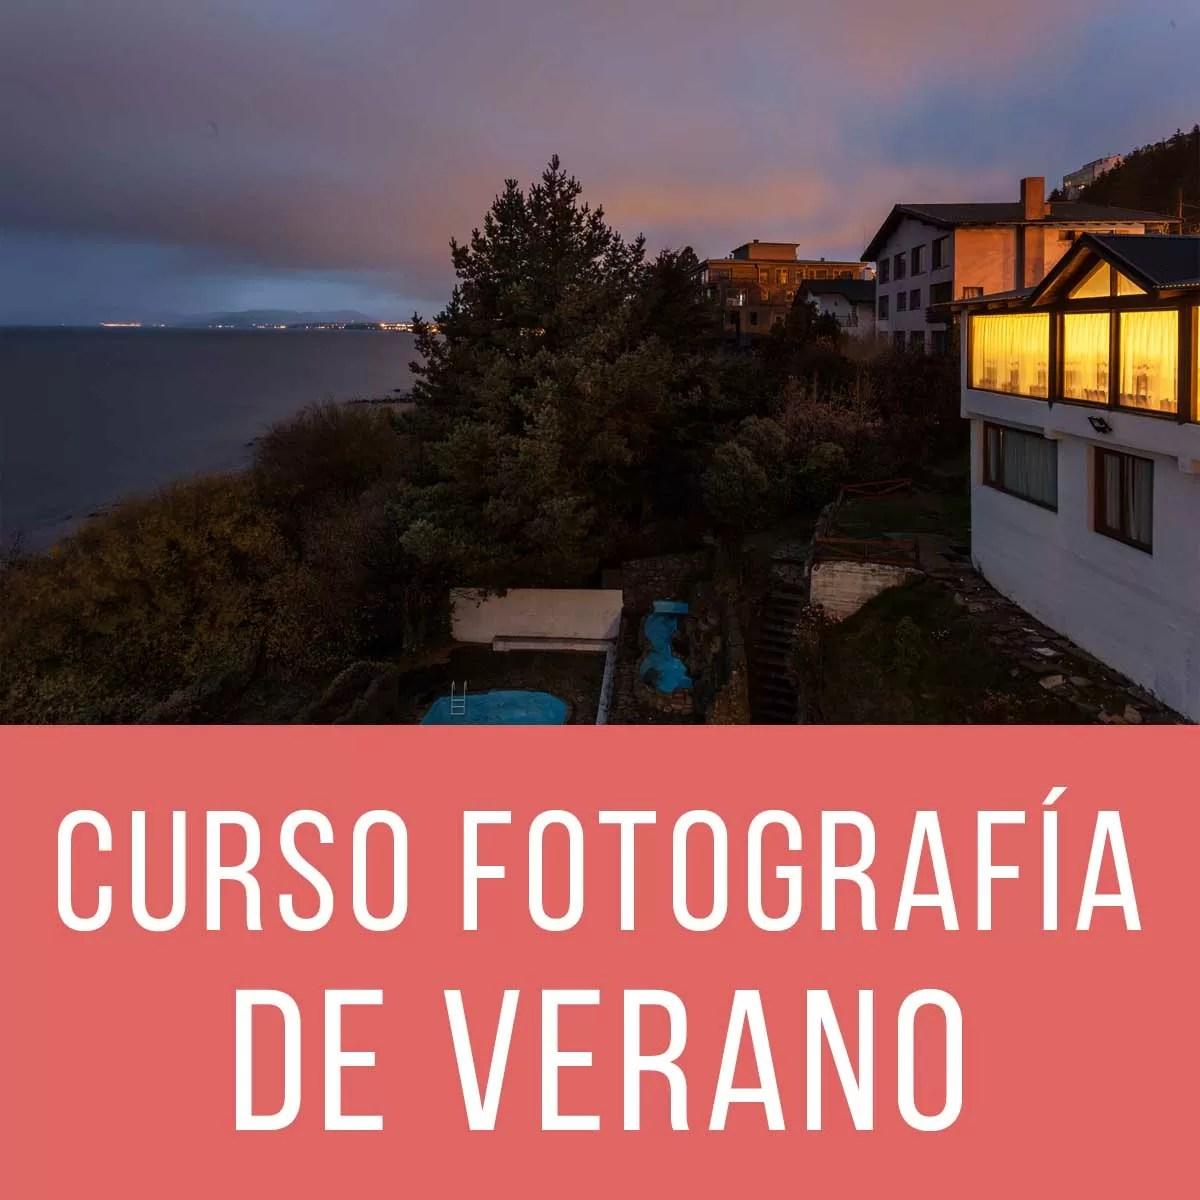 Curso de Fotografia de Verano 2022